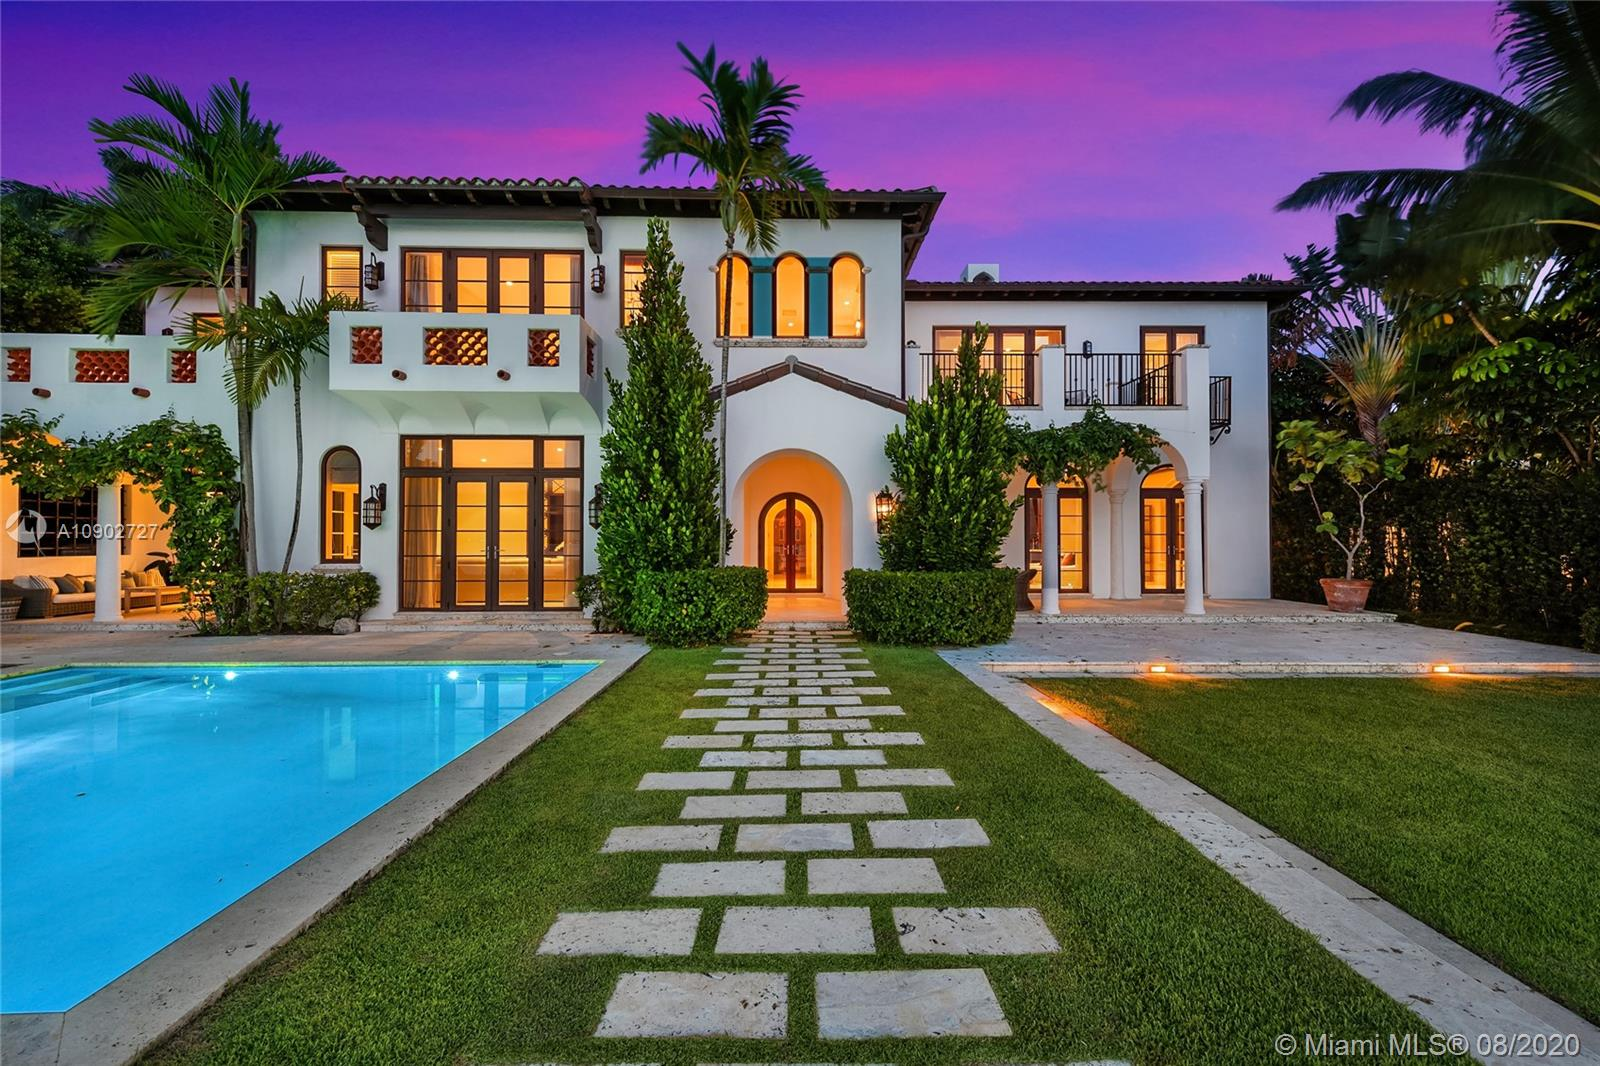 4412 N Bay Rd Luxury Real Estate